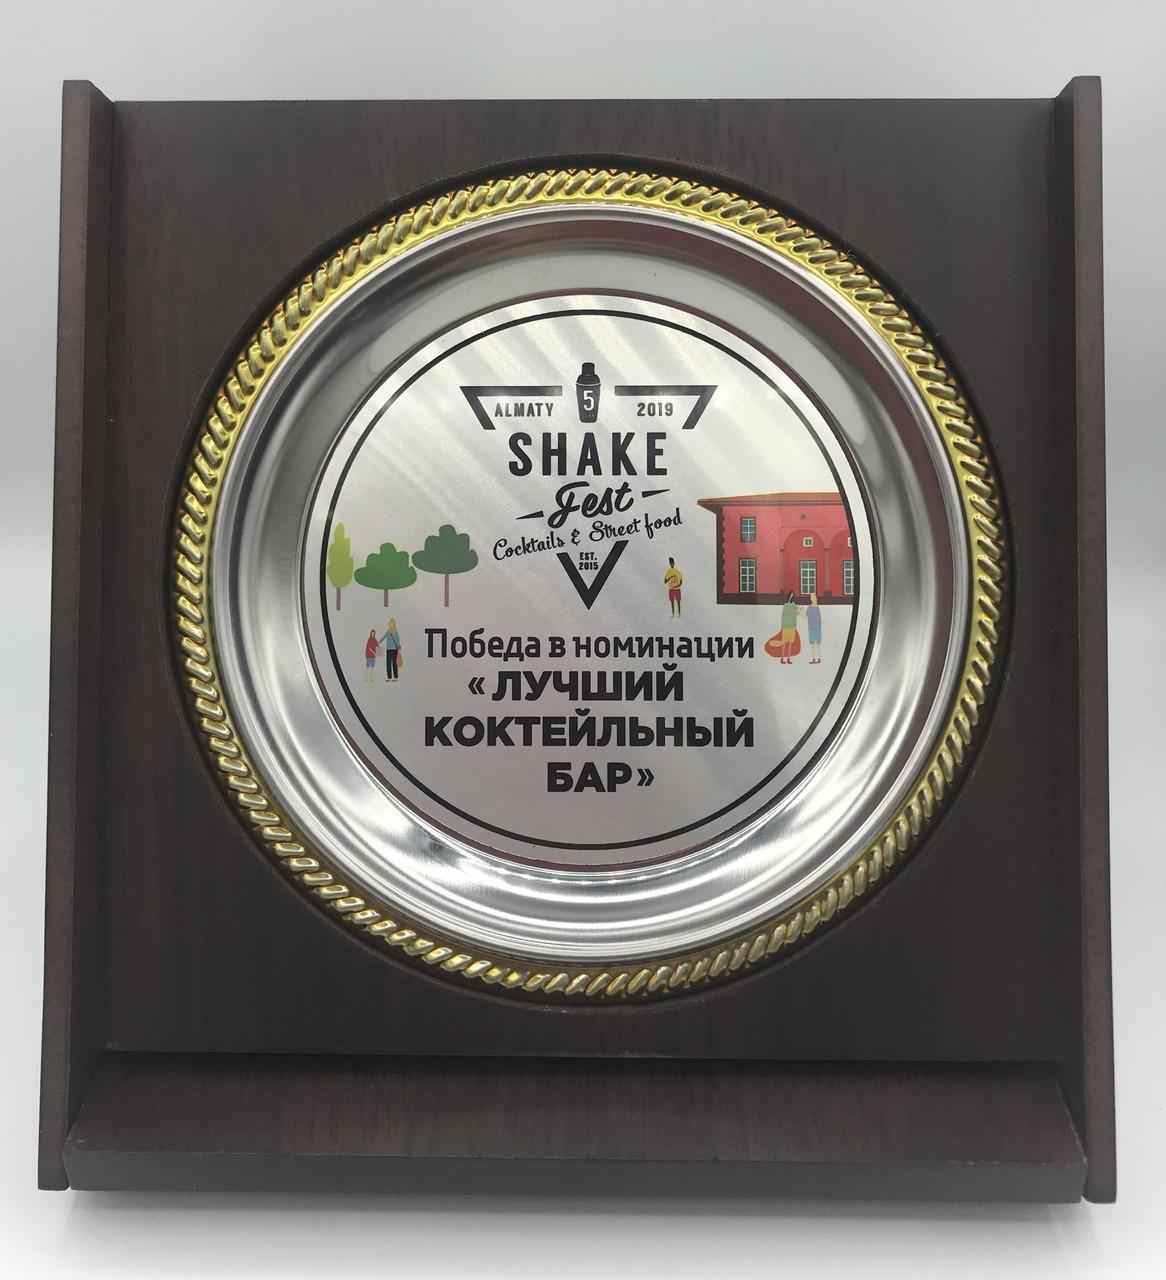 Наградная тарелка в подарочной упаковке, с брендированием